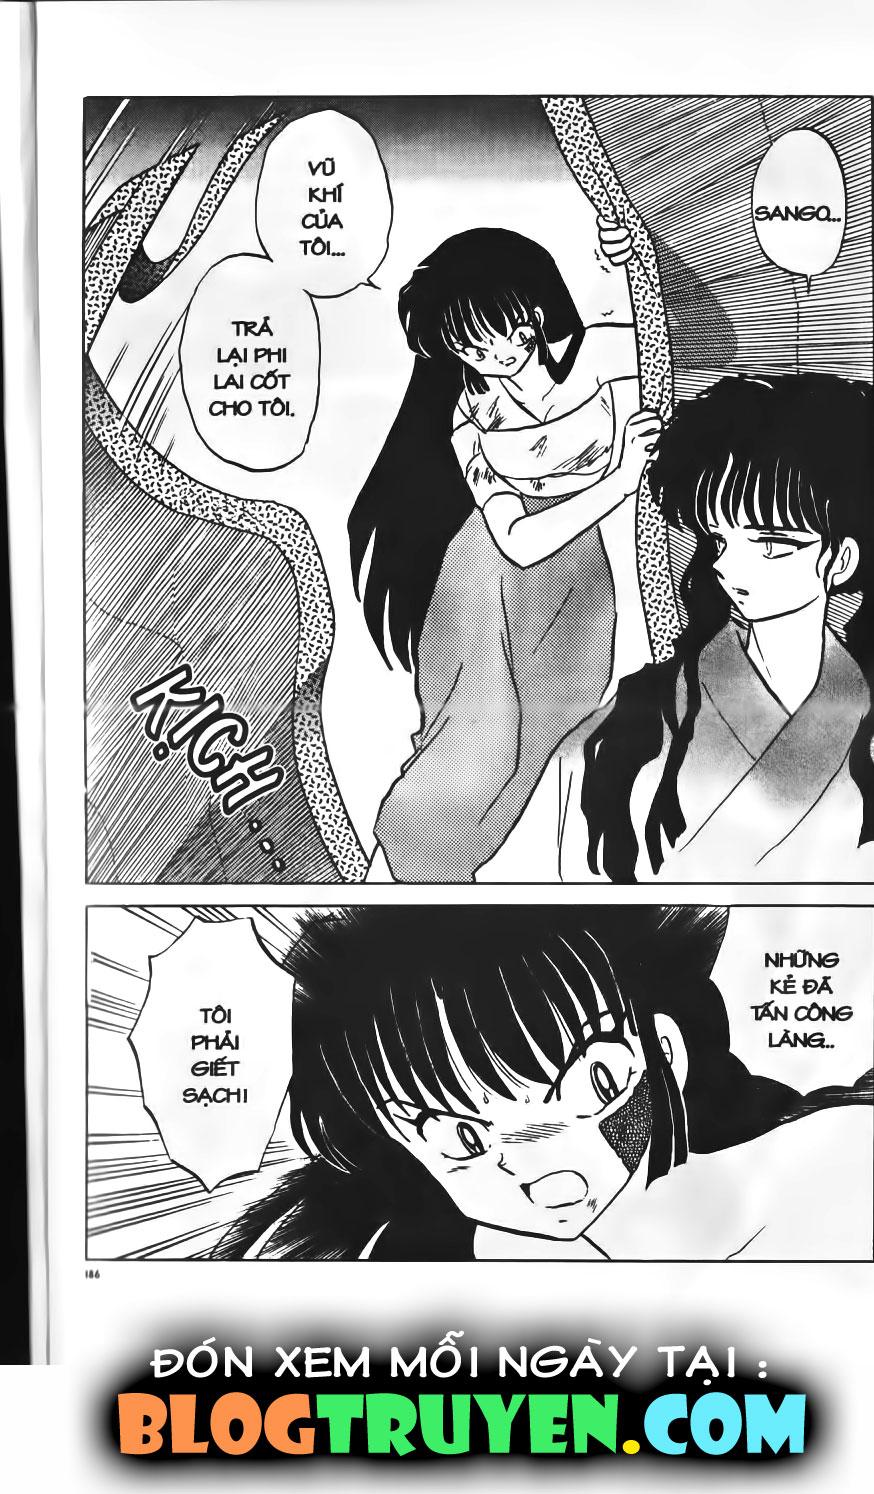 Inuyasha vol 09.10 trang 19